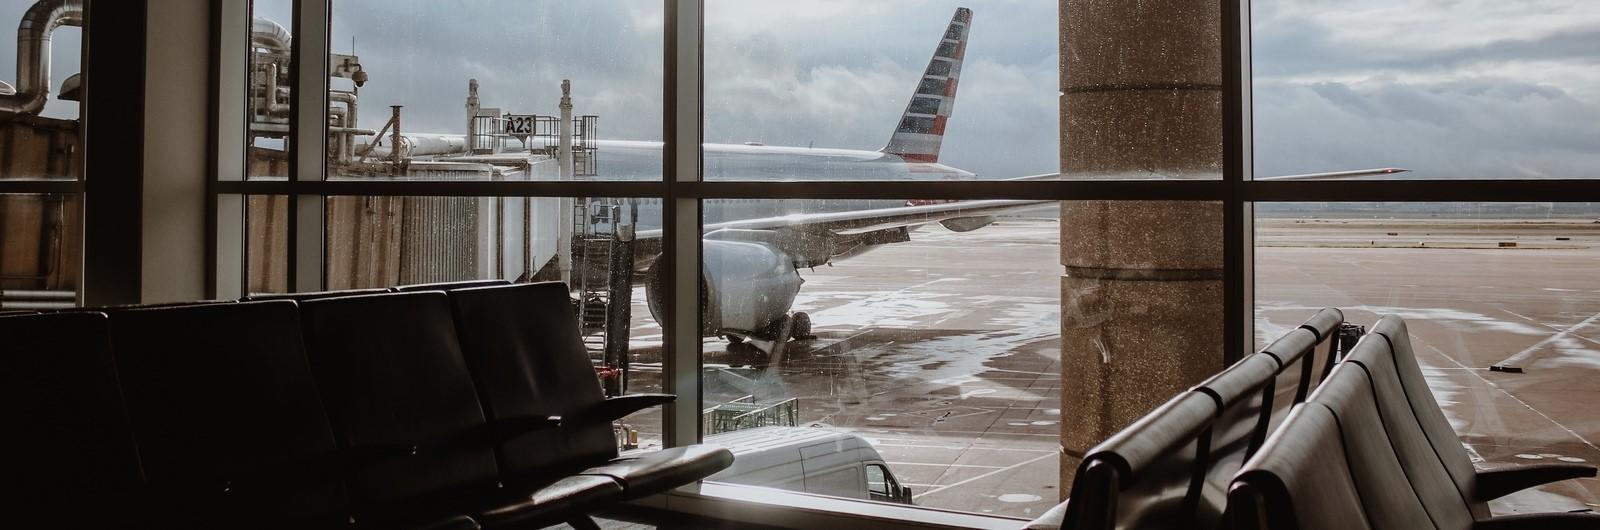 airport generic 7